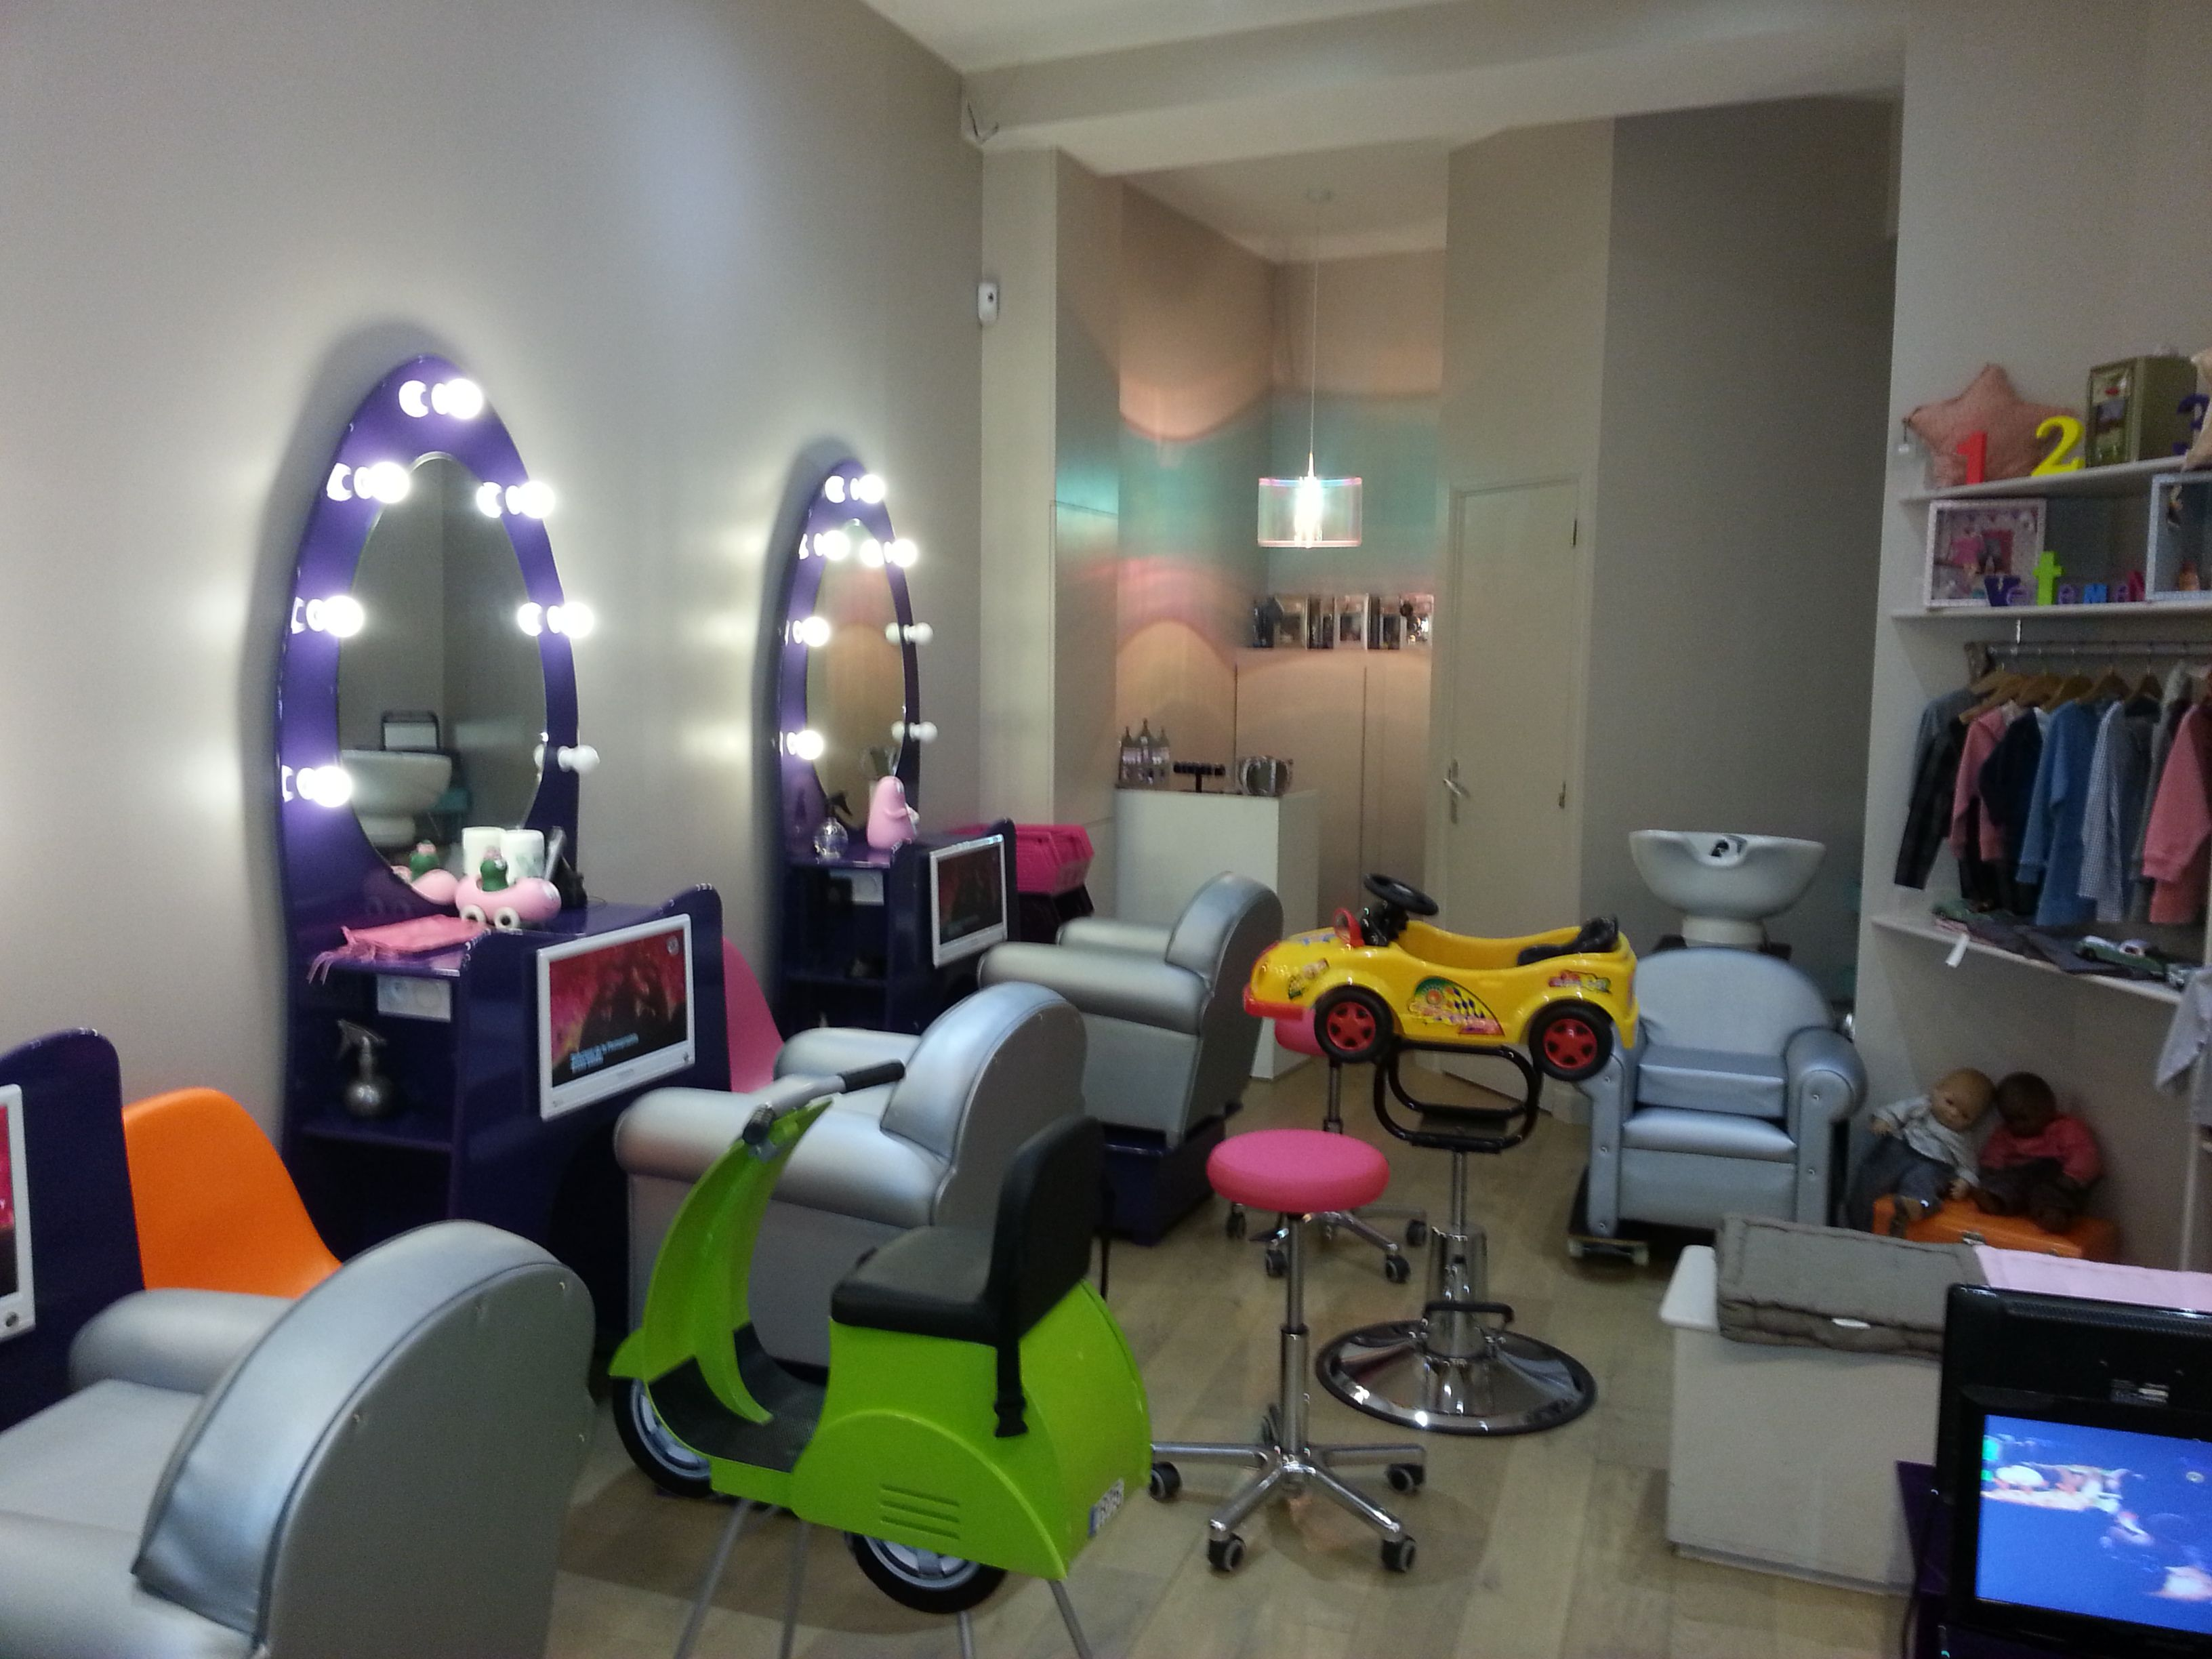 21+ Jeux de fille salon de coiffure et maquillage idees en 2021